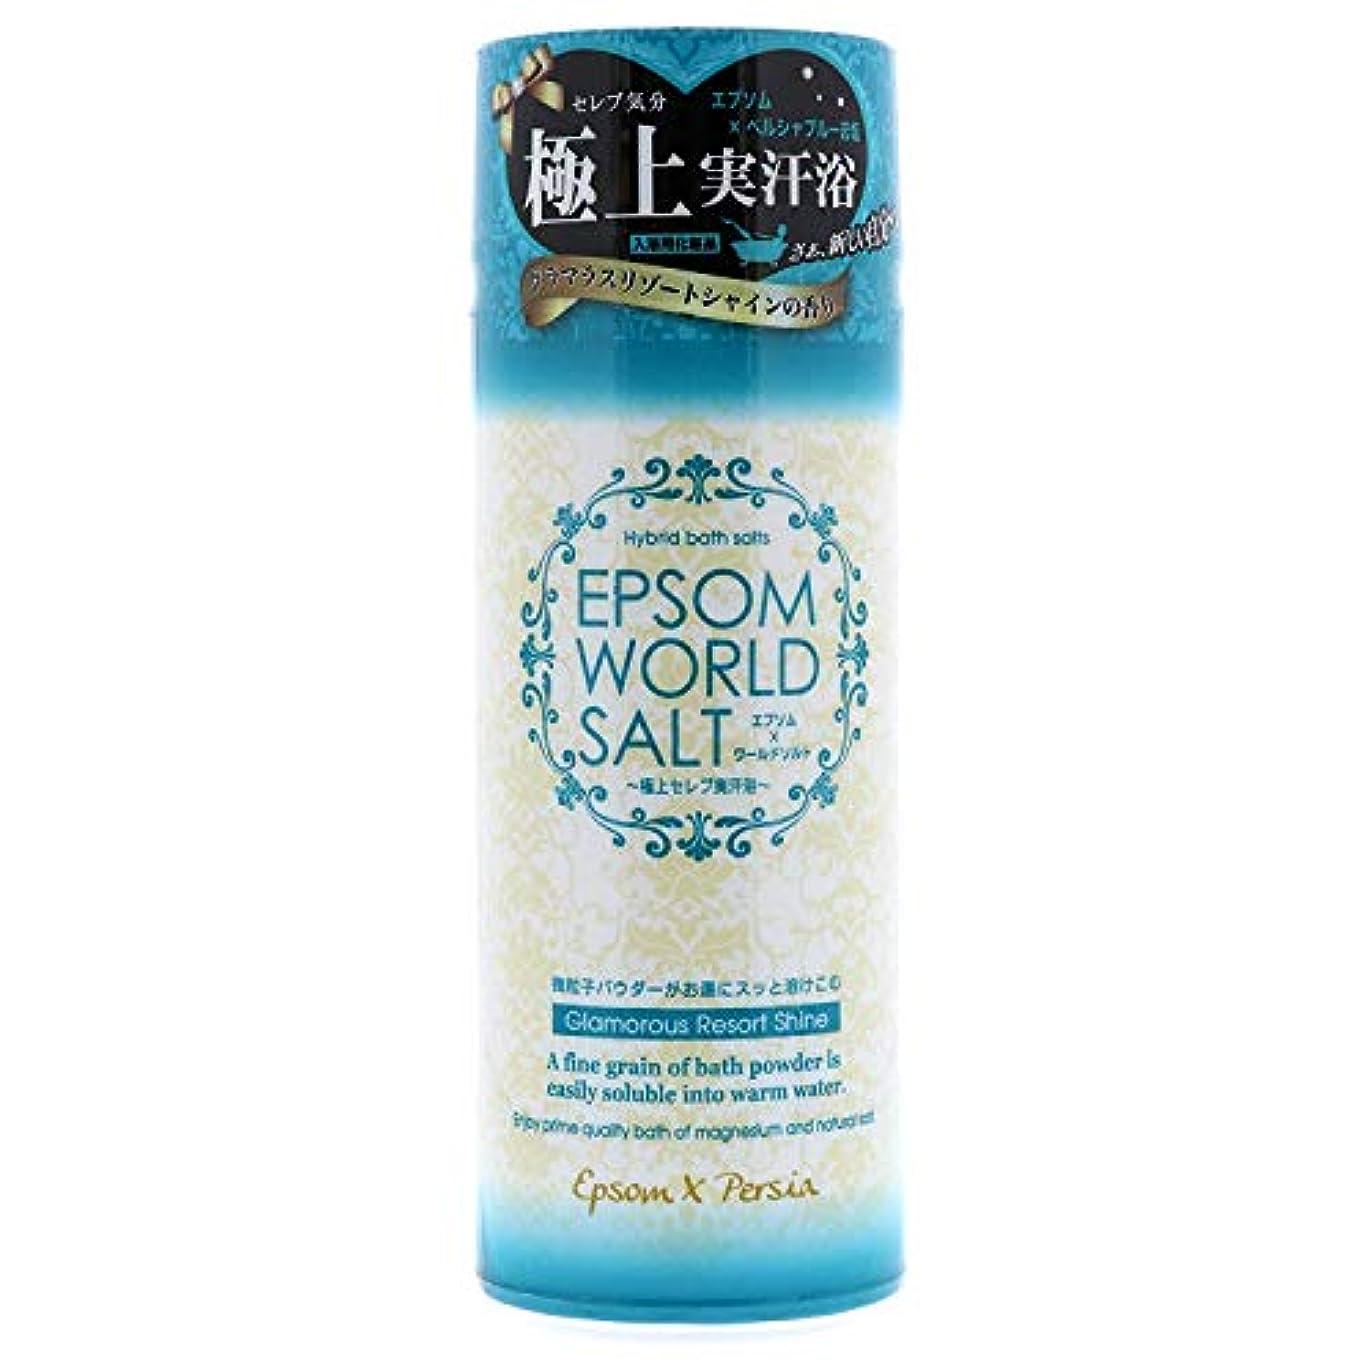 ミュートピル圧倒するエプソムワールドソルト グラマラスリゾートシャインの香り ボトル 500g